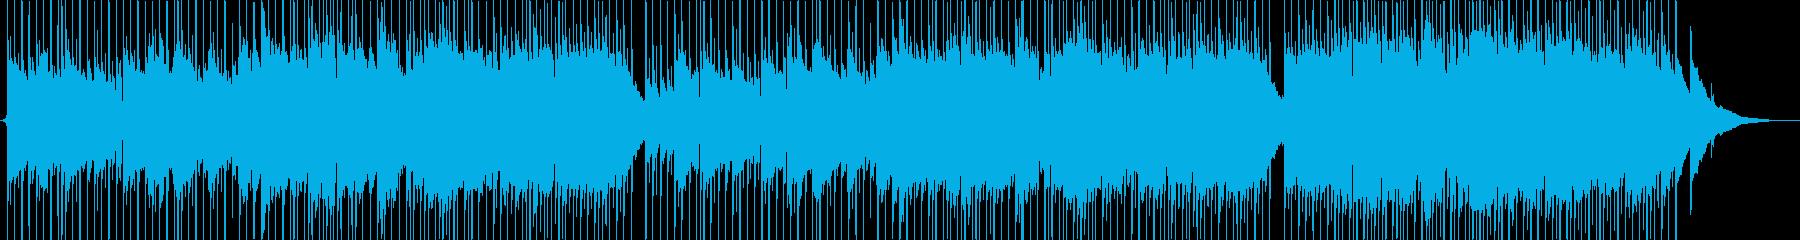 ポップ テクノ 中国語 C-POP...の再生済みの波形